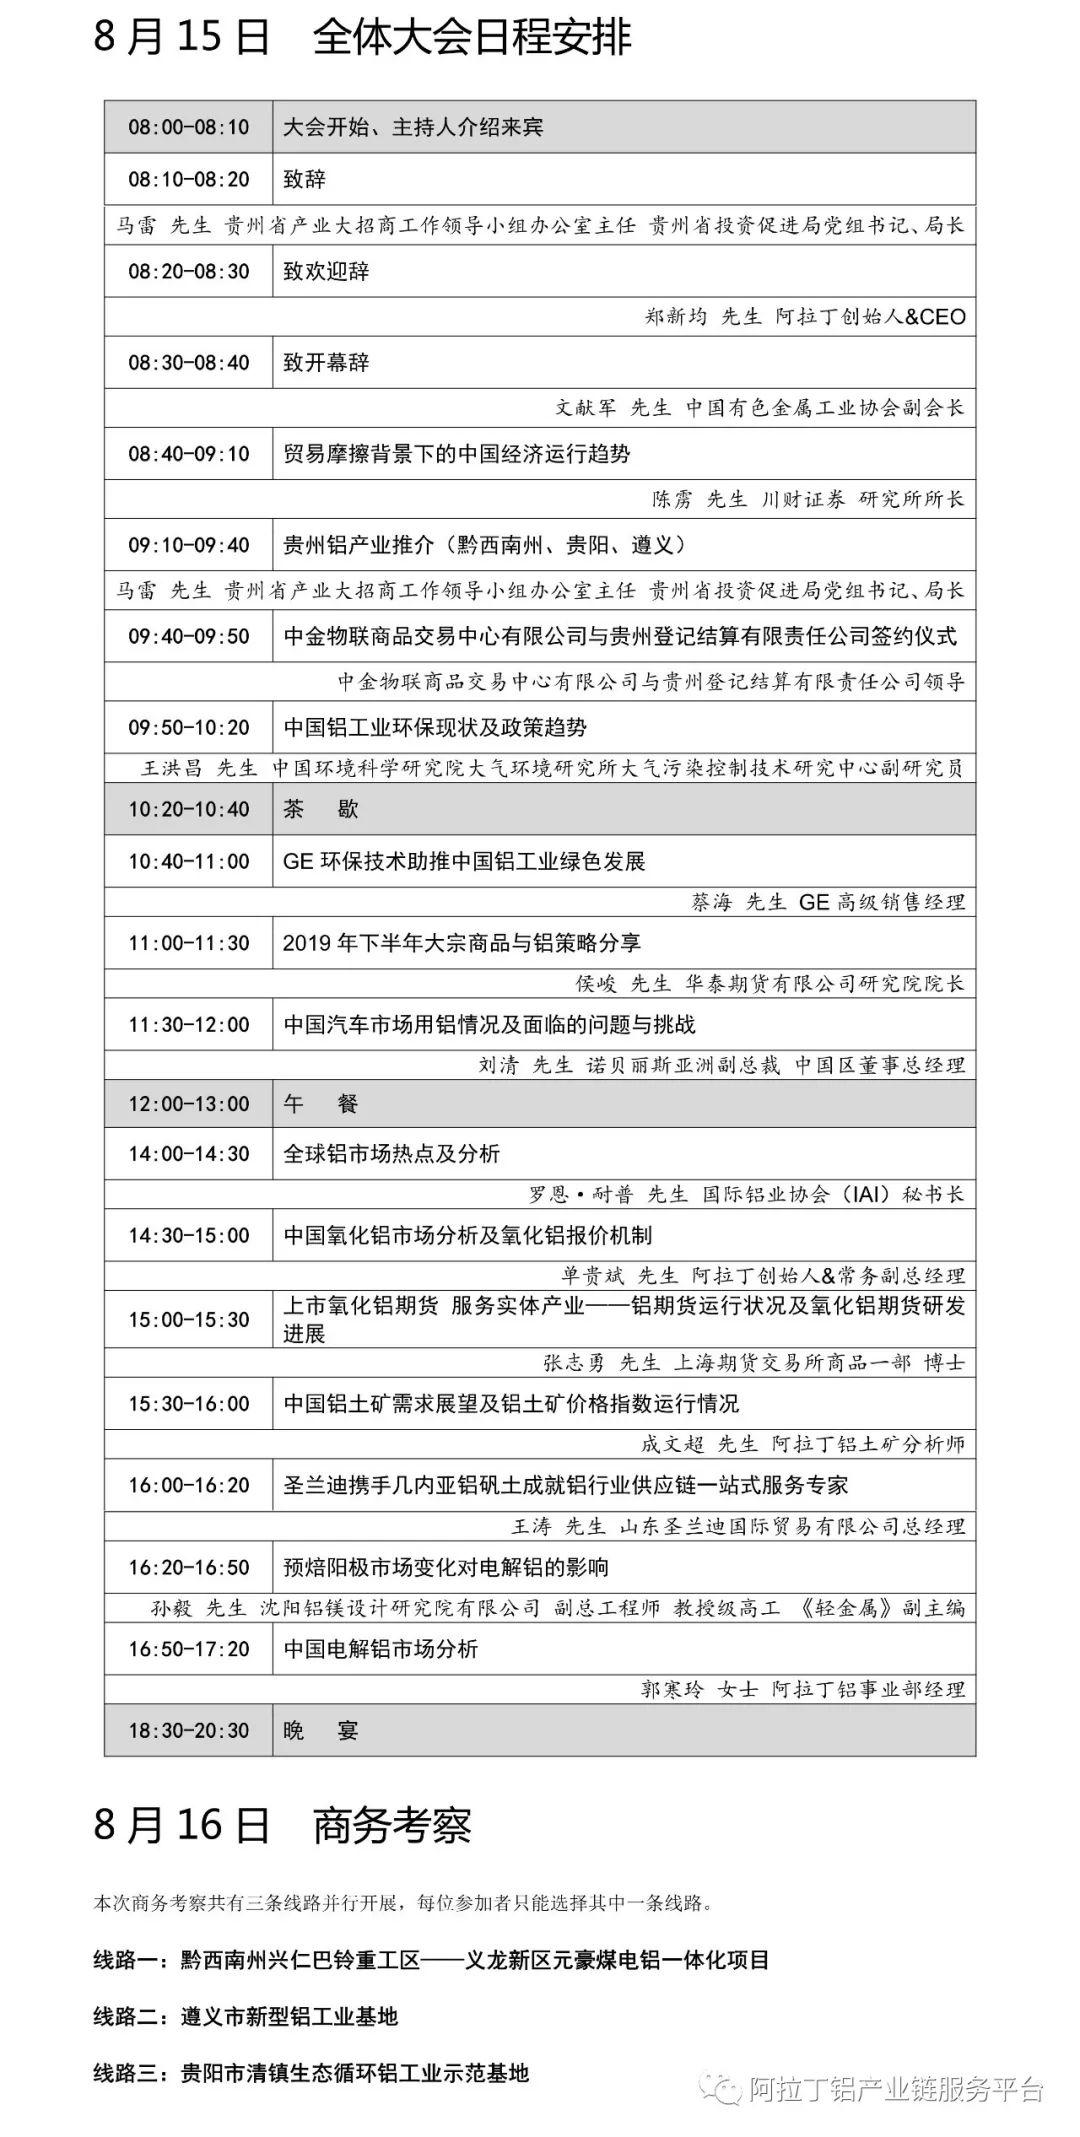 2019中国铝业峰会智慧会务系统插图(1)